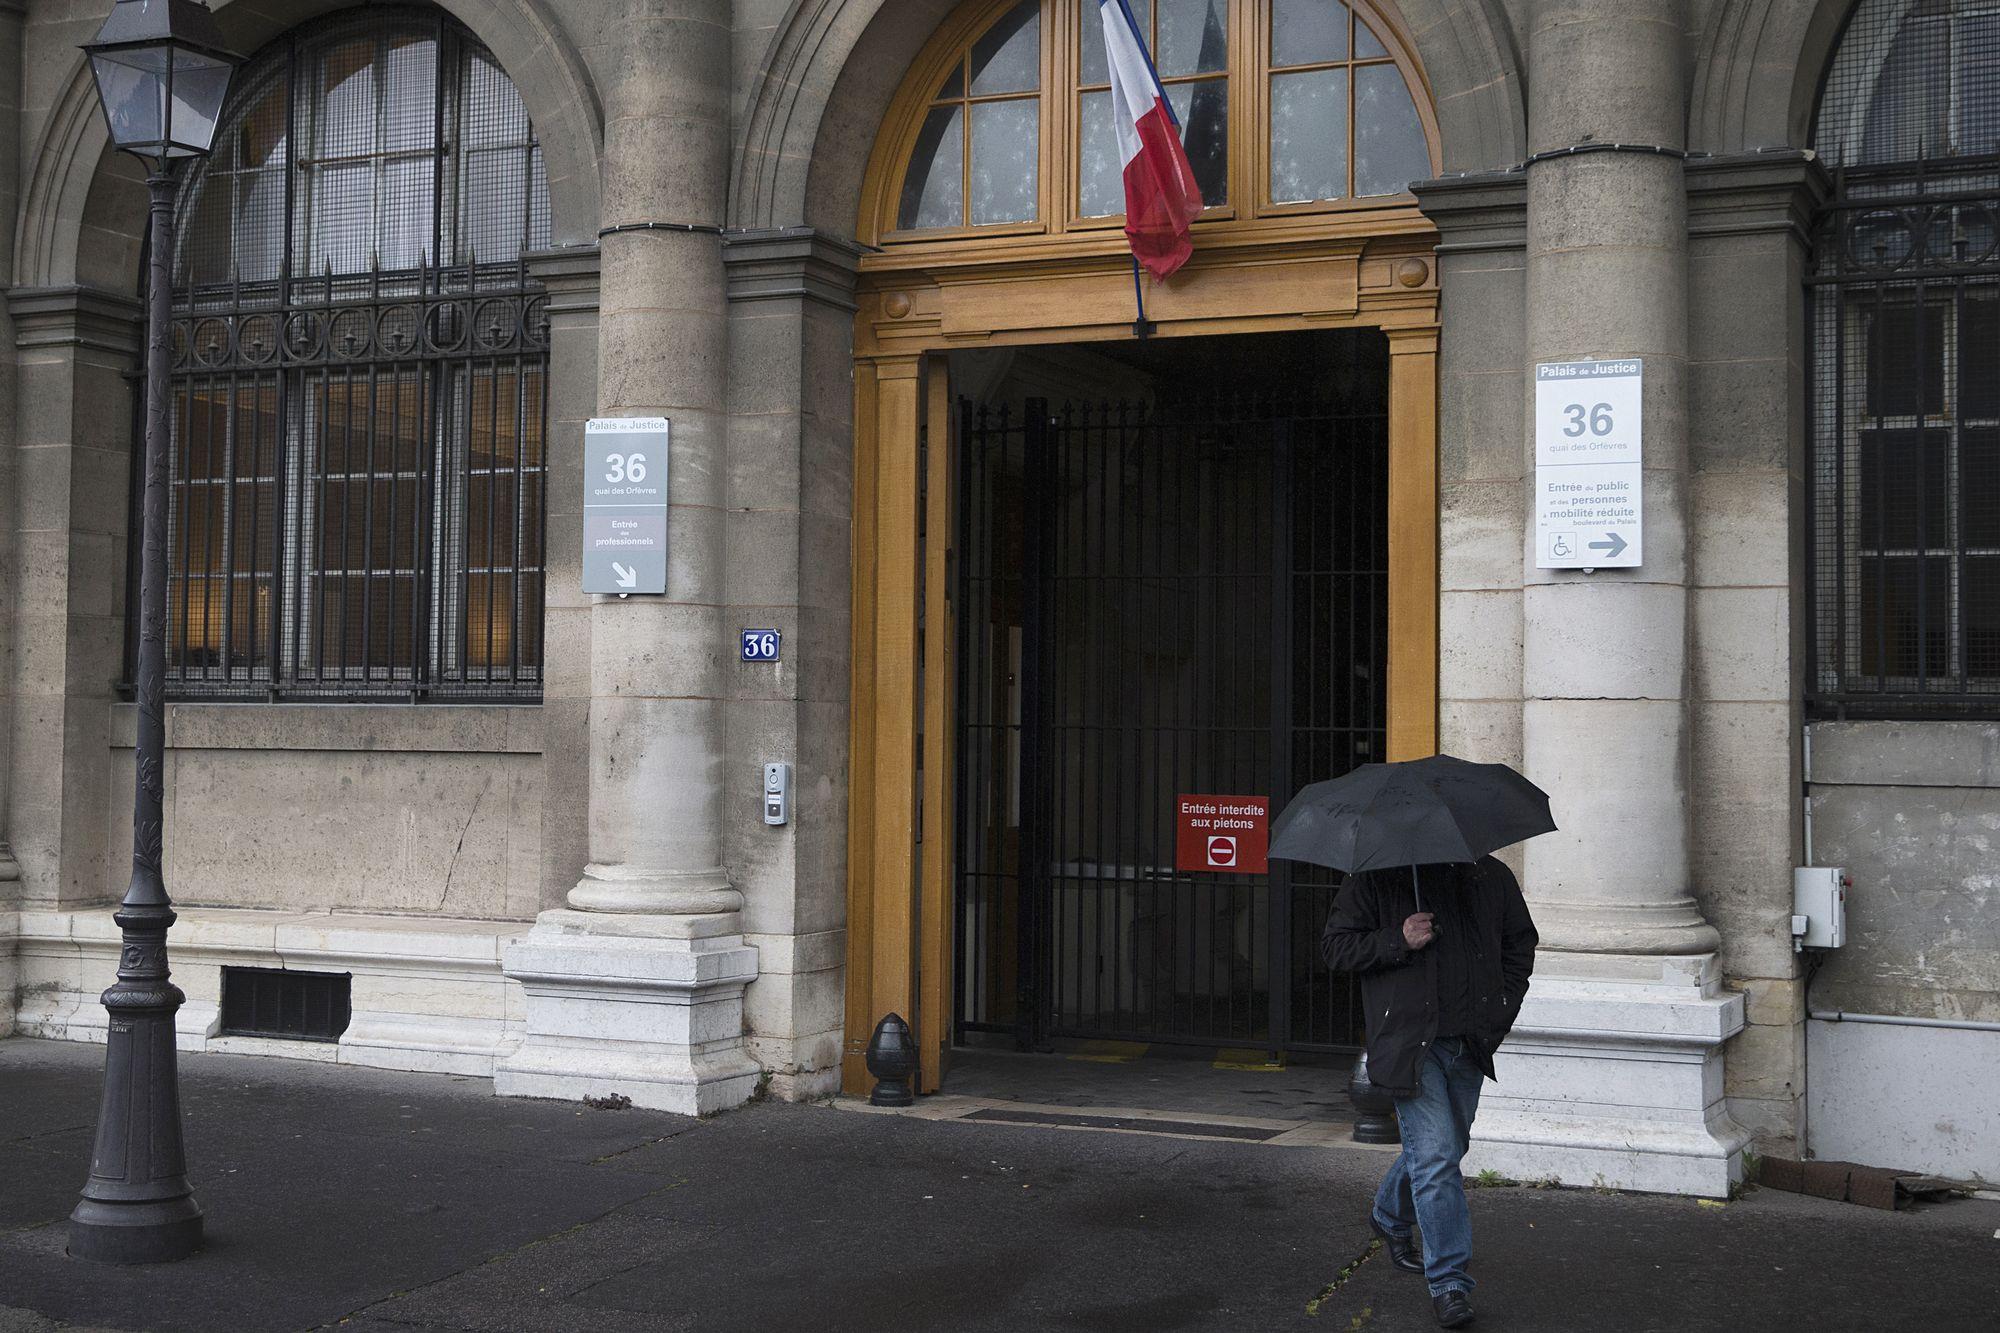 Le chef de la pj parisienne inculp pour violation du secret d 3 - Police judiciaire paris 36 quai des orfevres ...